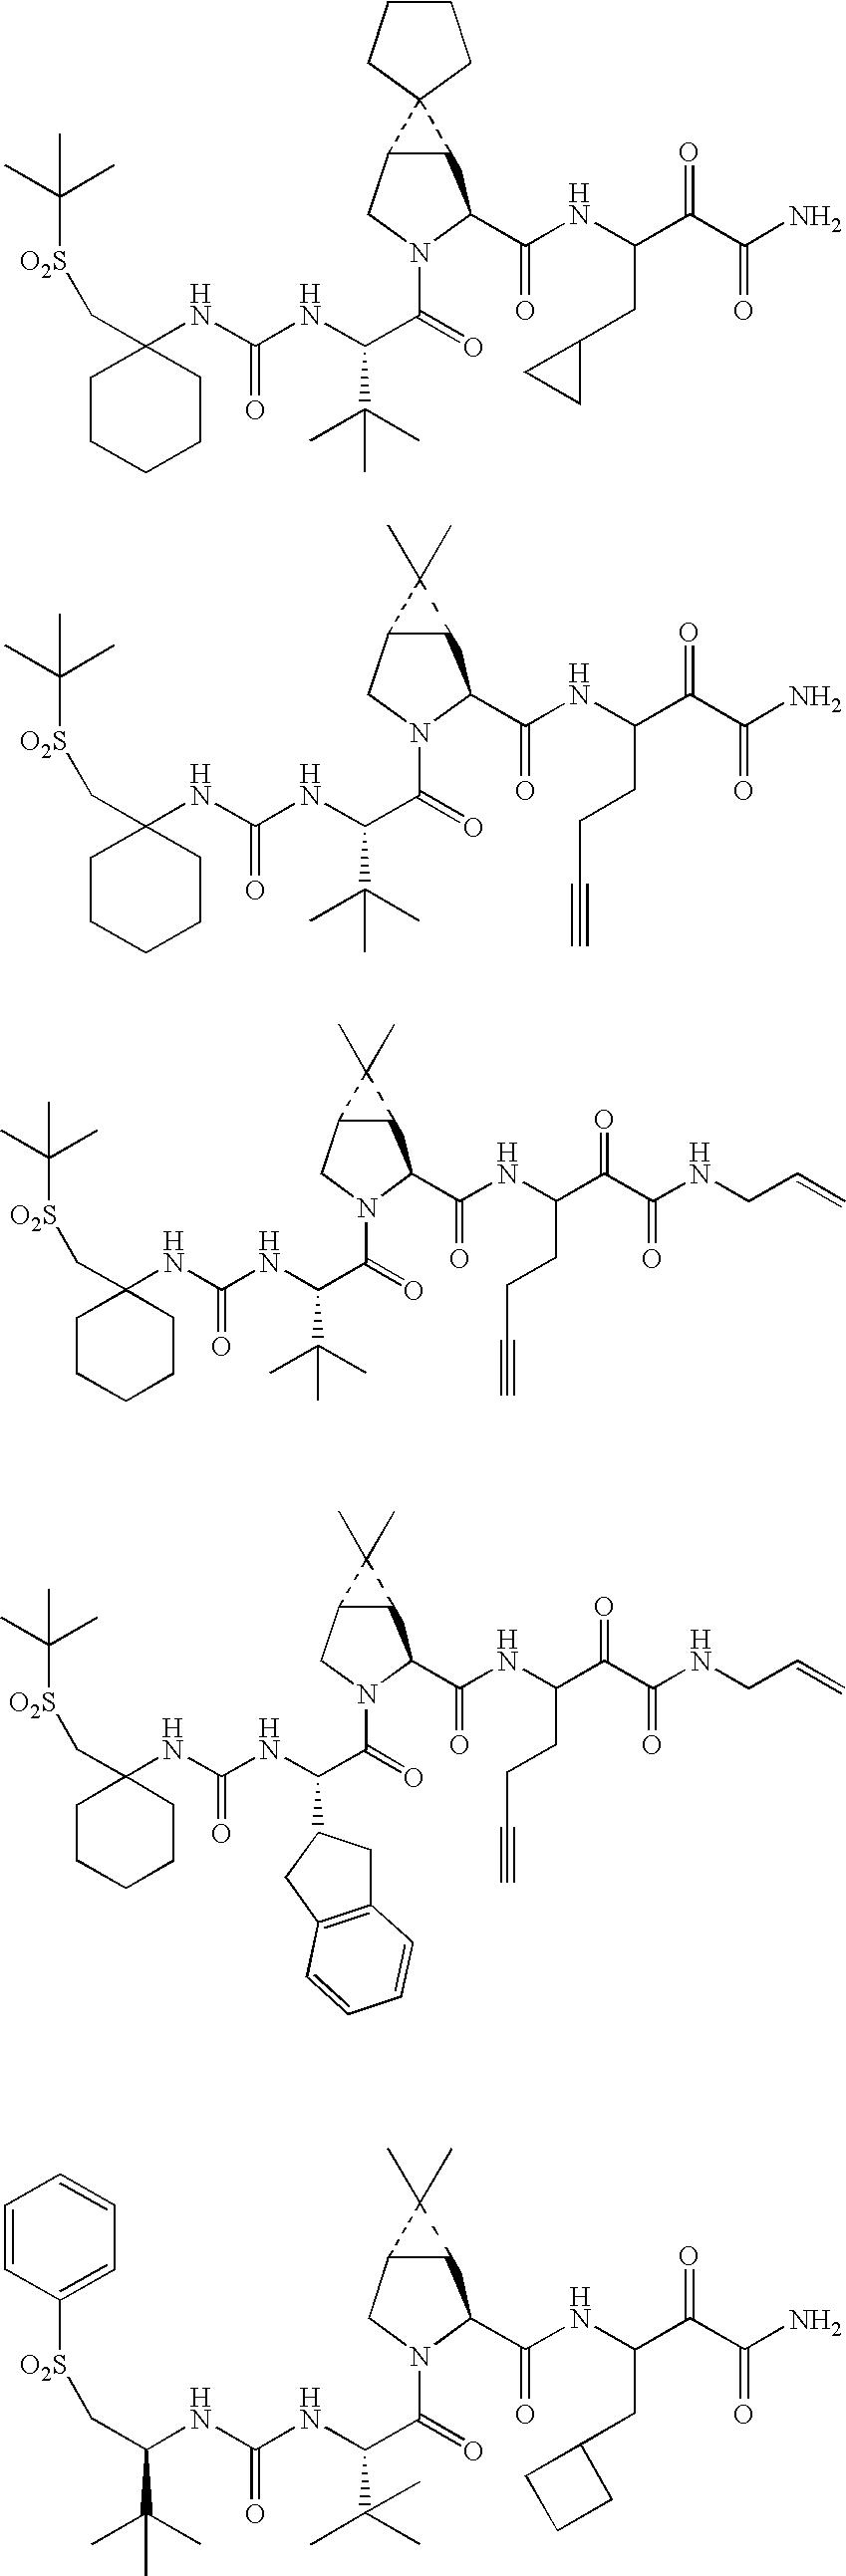 Figure US20060287248A1-20061221-C00456